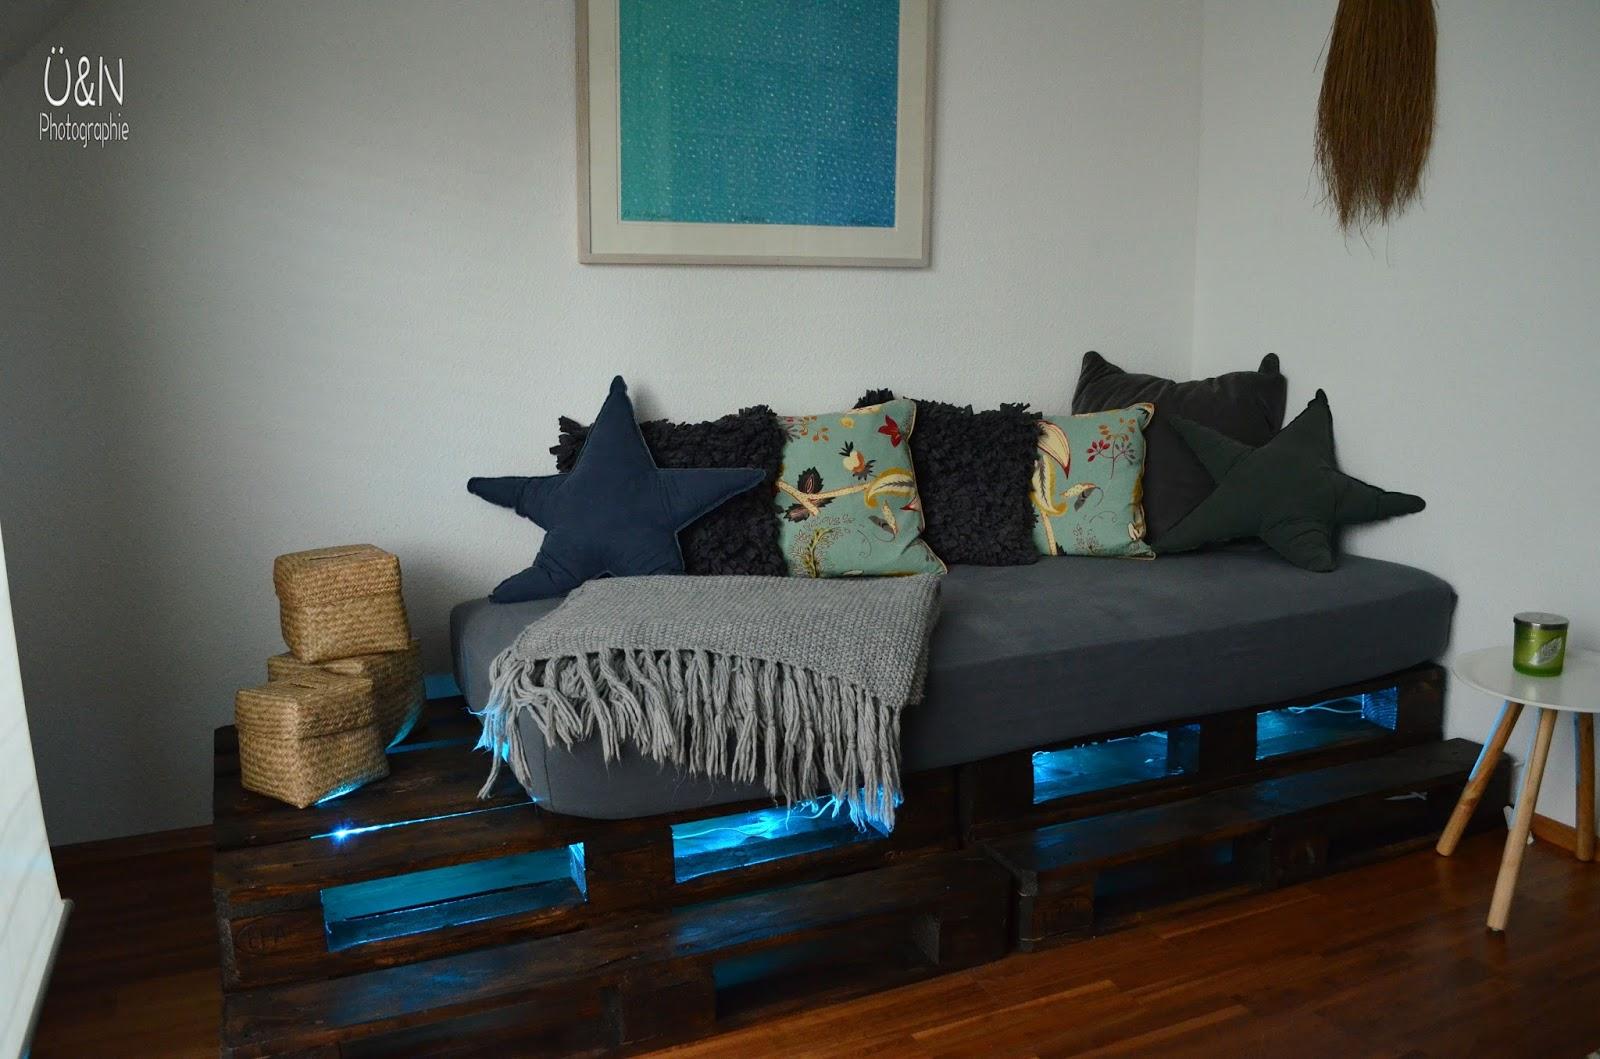 berall nirgendwo wie wir unsere g ste jetzt betten in einem schwebenden palettenbett. Black Bedroom Furniture Sets. Home Design Ideas